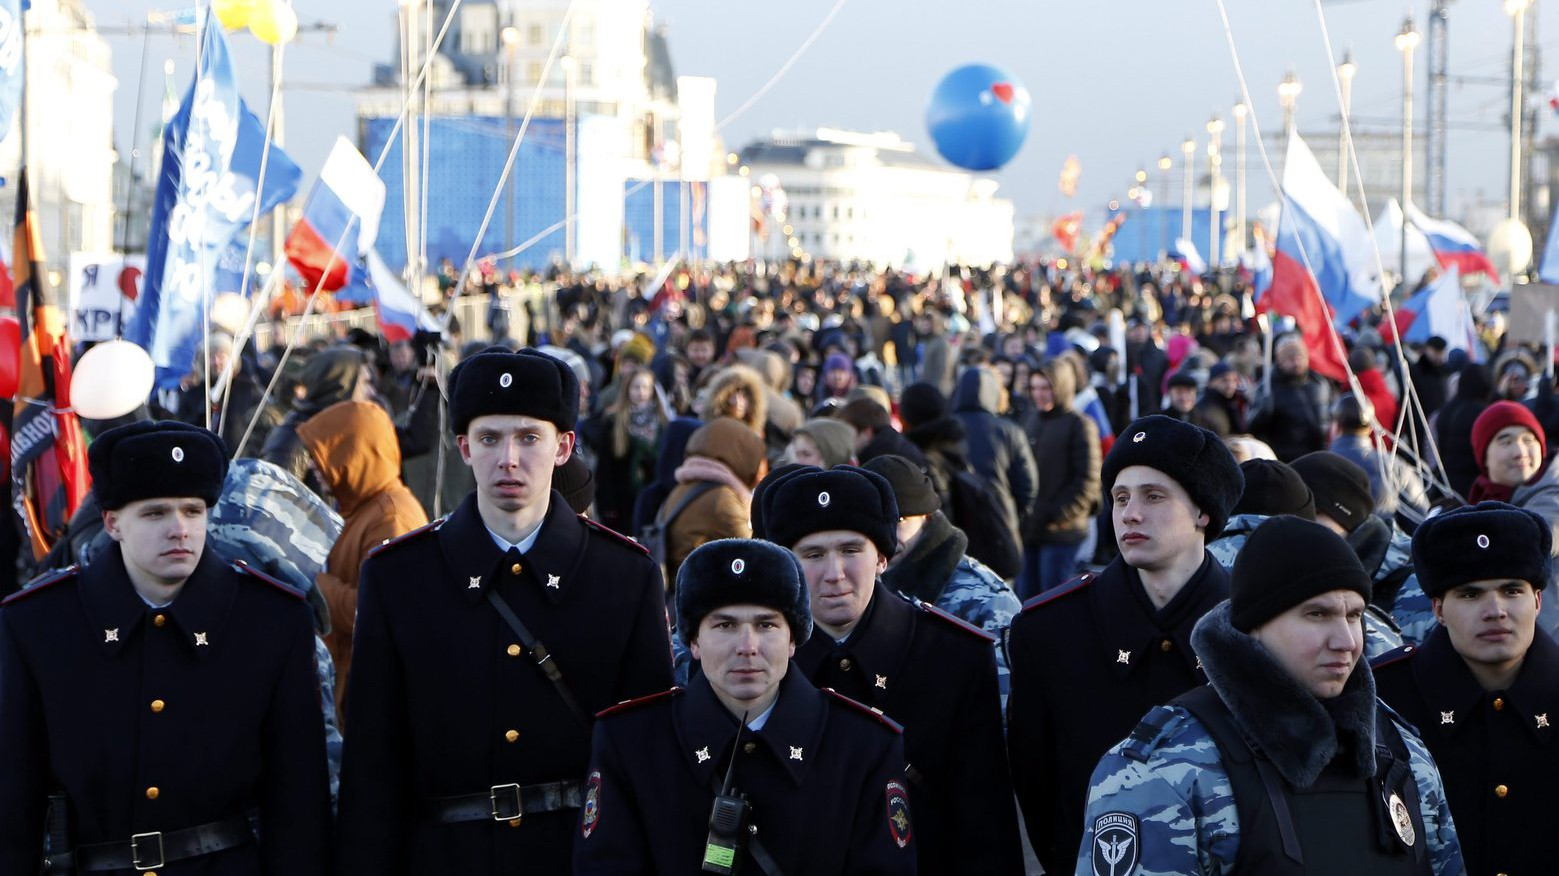 Résztvevők a Krím Oroszországhoz csatolásának második évfordulója alkalmából rendezett koncerten Moszkva belvárosában 2016. március 18-án - két évvel korábban, 2014. március 16-án az Ukrajnához tartozó Krím félszigeten a helyi oroszbarát vezetés által kiírt népszavazáson a lakosok nagy többsége az Oroszországhoz való csatlakozás mellett foglalt állást (Fotó: MTI/EPA pool/Makszim Sipenkov)